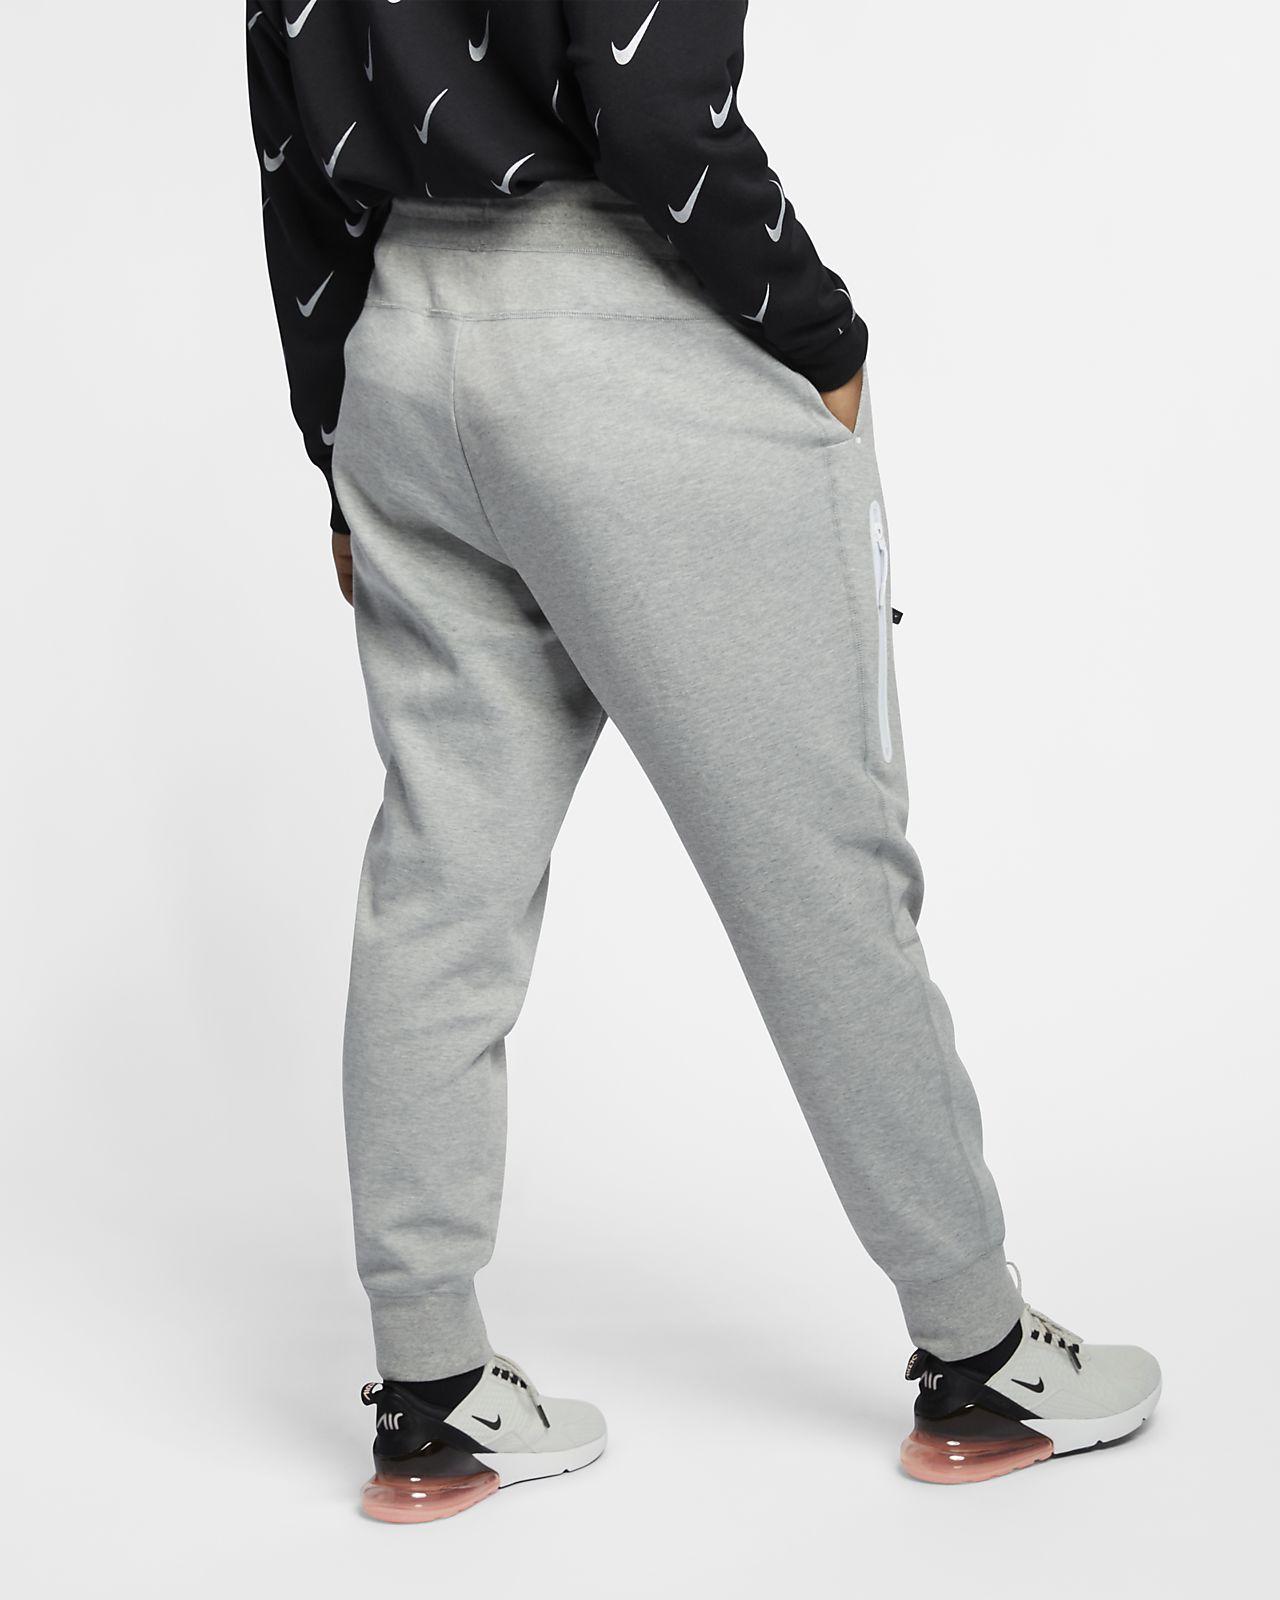 962e13feccad Nike Sportswear Tech Fleece bukse til dame (store størrelser). Nike ...